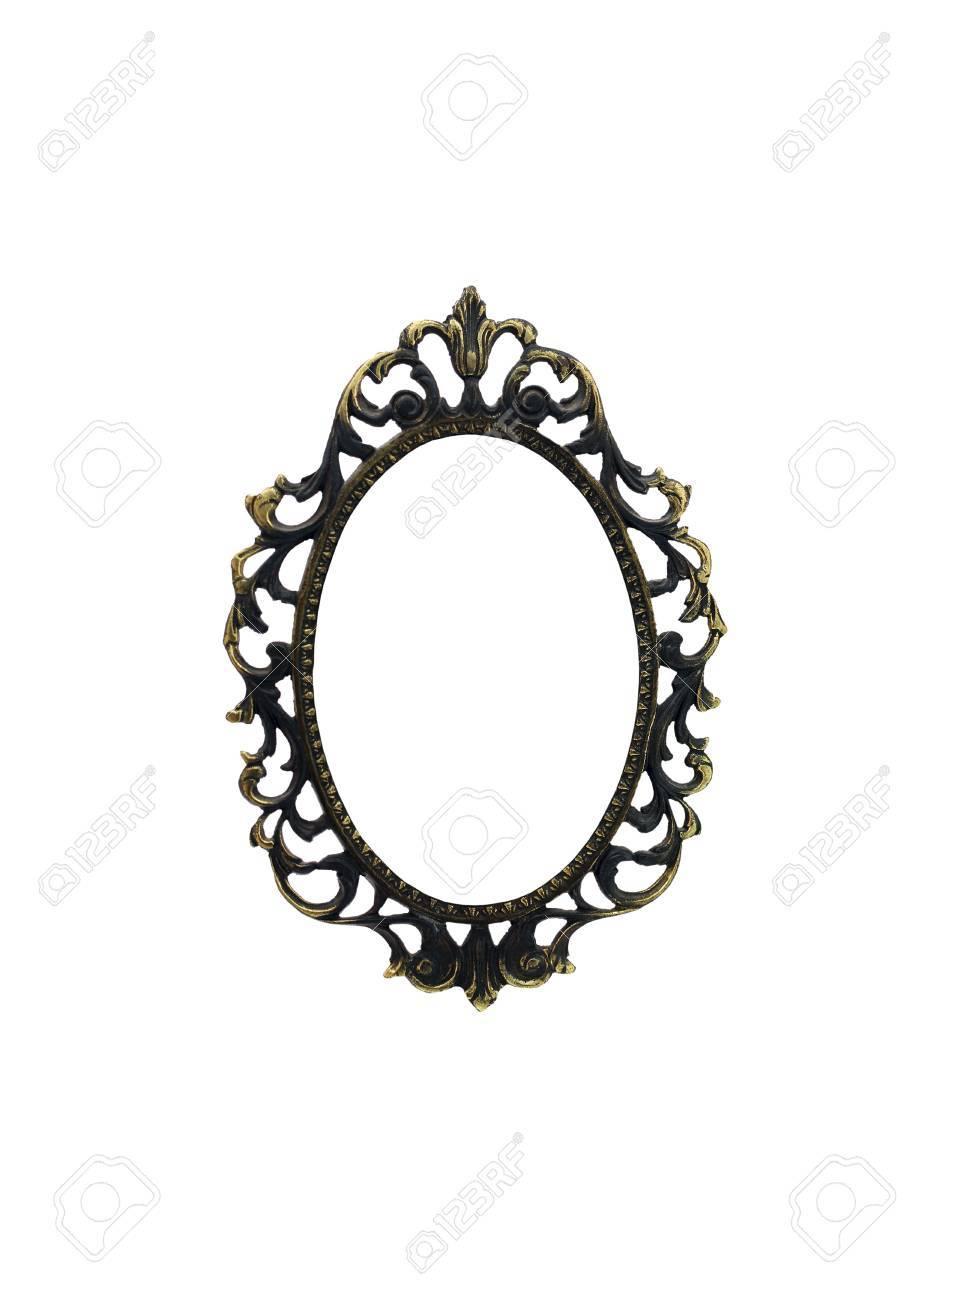 Ovaler Rahmen Aus Metall Bronze Farbe. Die Isolierten Objekt. Einem ...